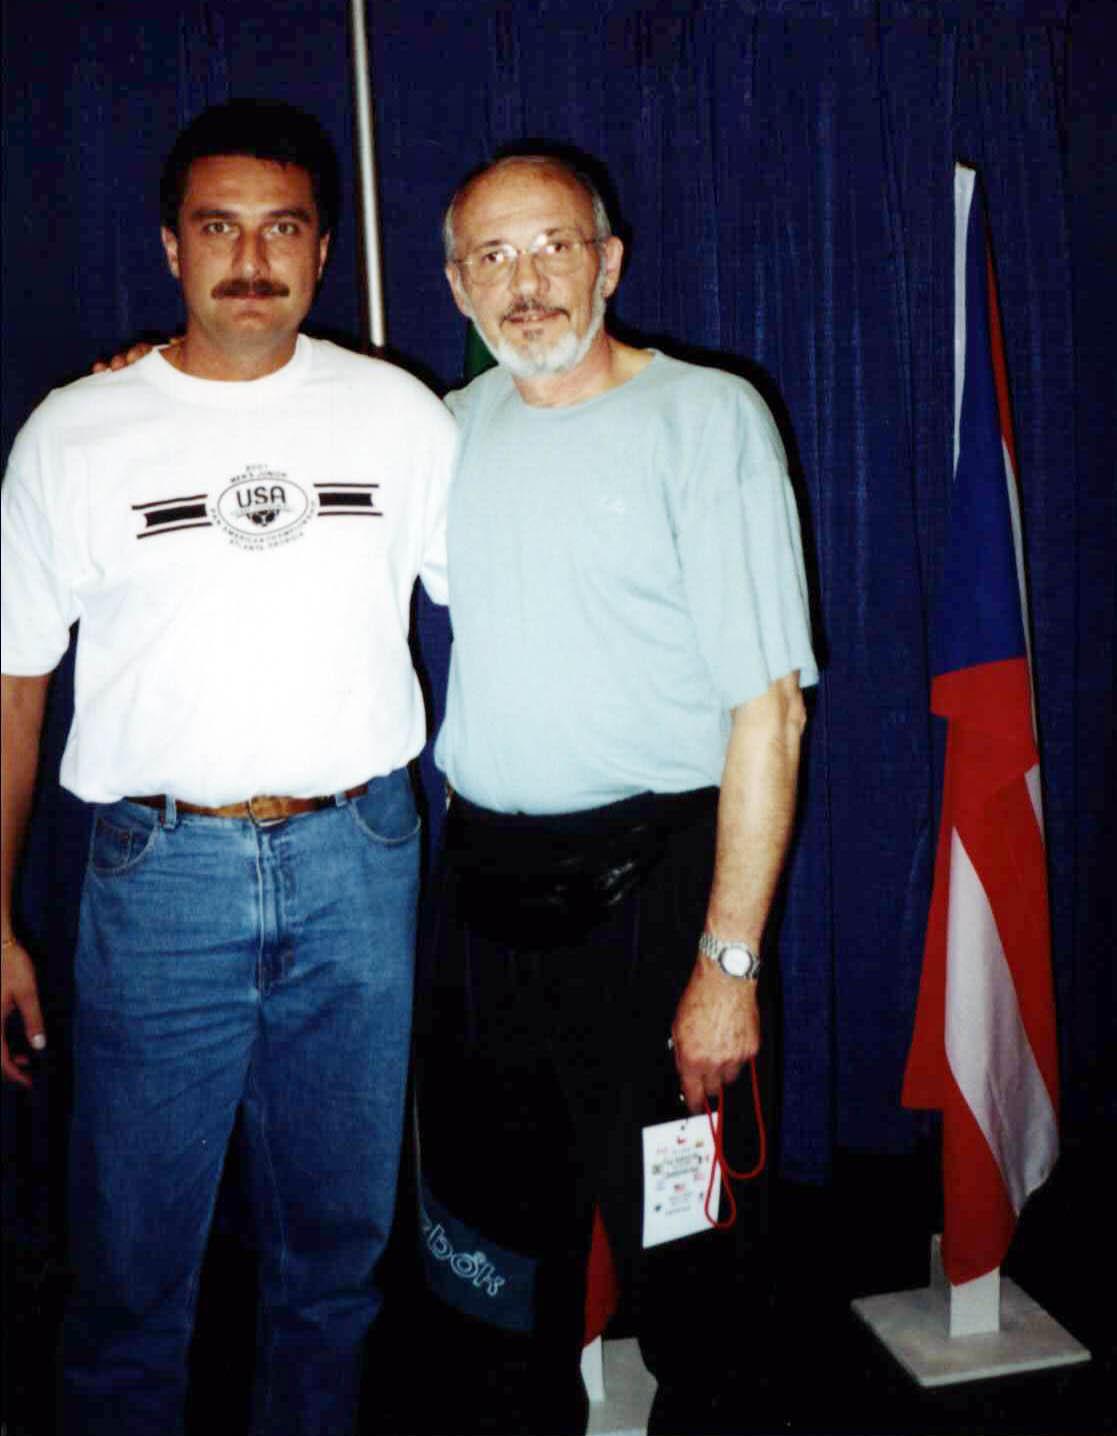 Gheorghe Gruia (dreapta), fostul antrenor al echipei de handbal al Mexicului, alături de Cristian Zaharia, fostul antrenor al echipei de handbal a SUA. FOTO: Evenimentul Zilei